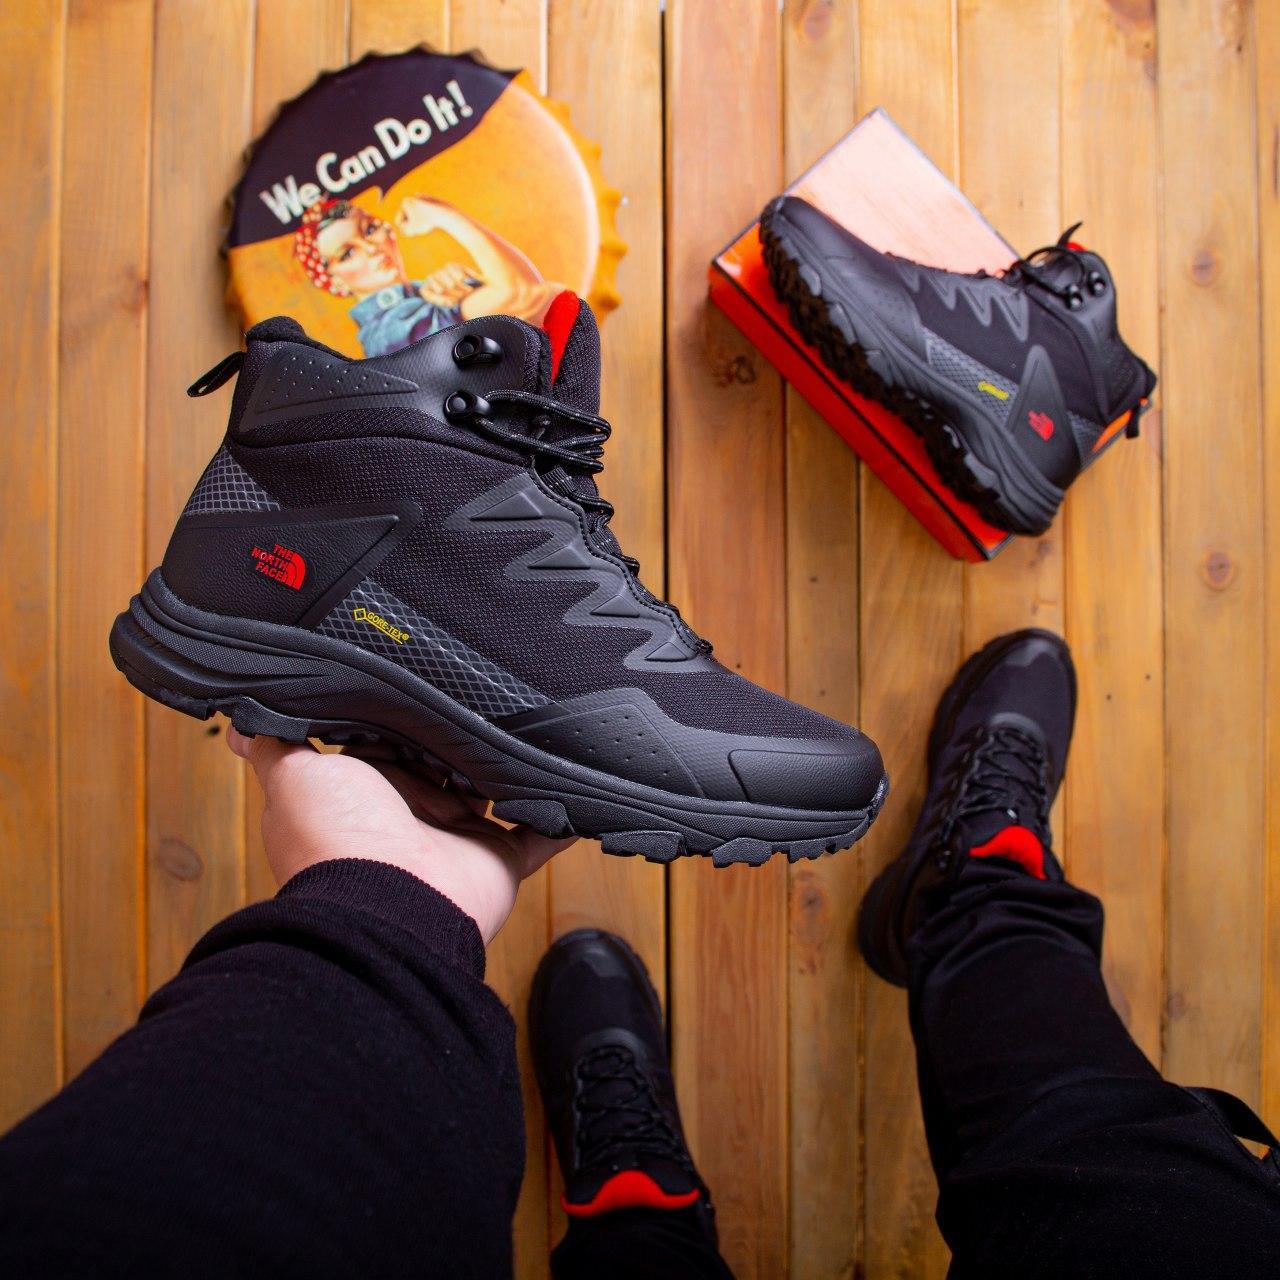 Мужские зимние кроссовки Т*ф высокие Pobedov (черные с красной подошвой)